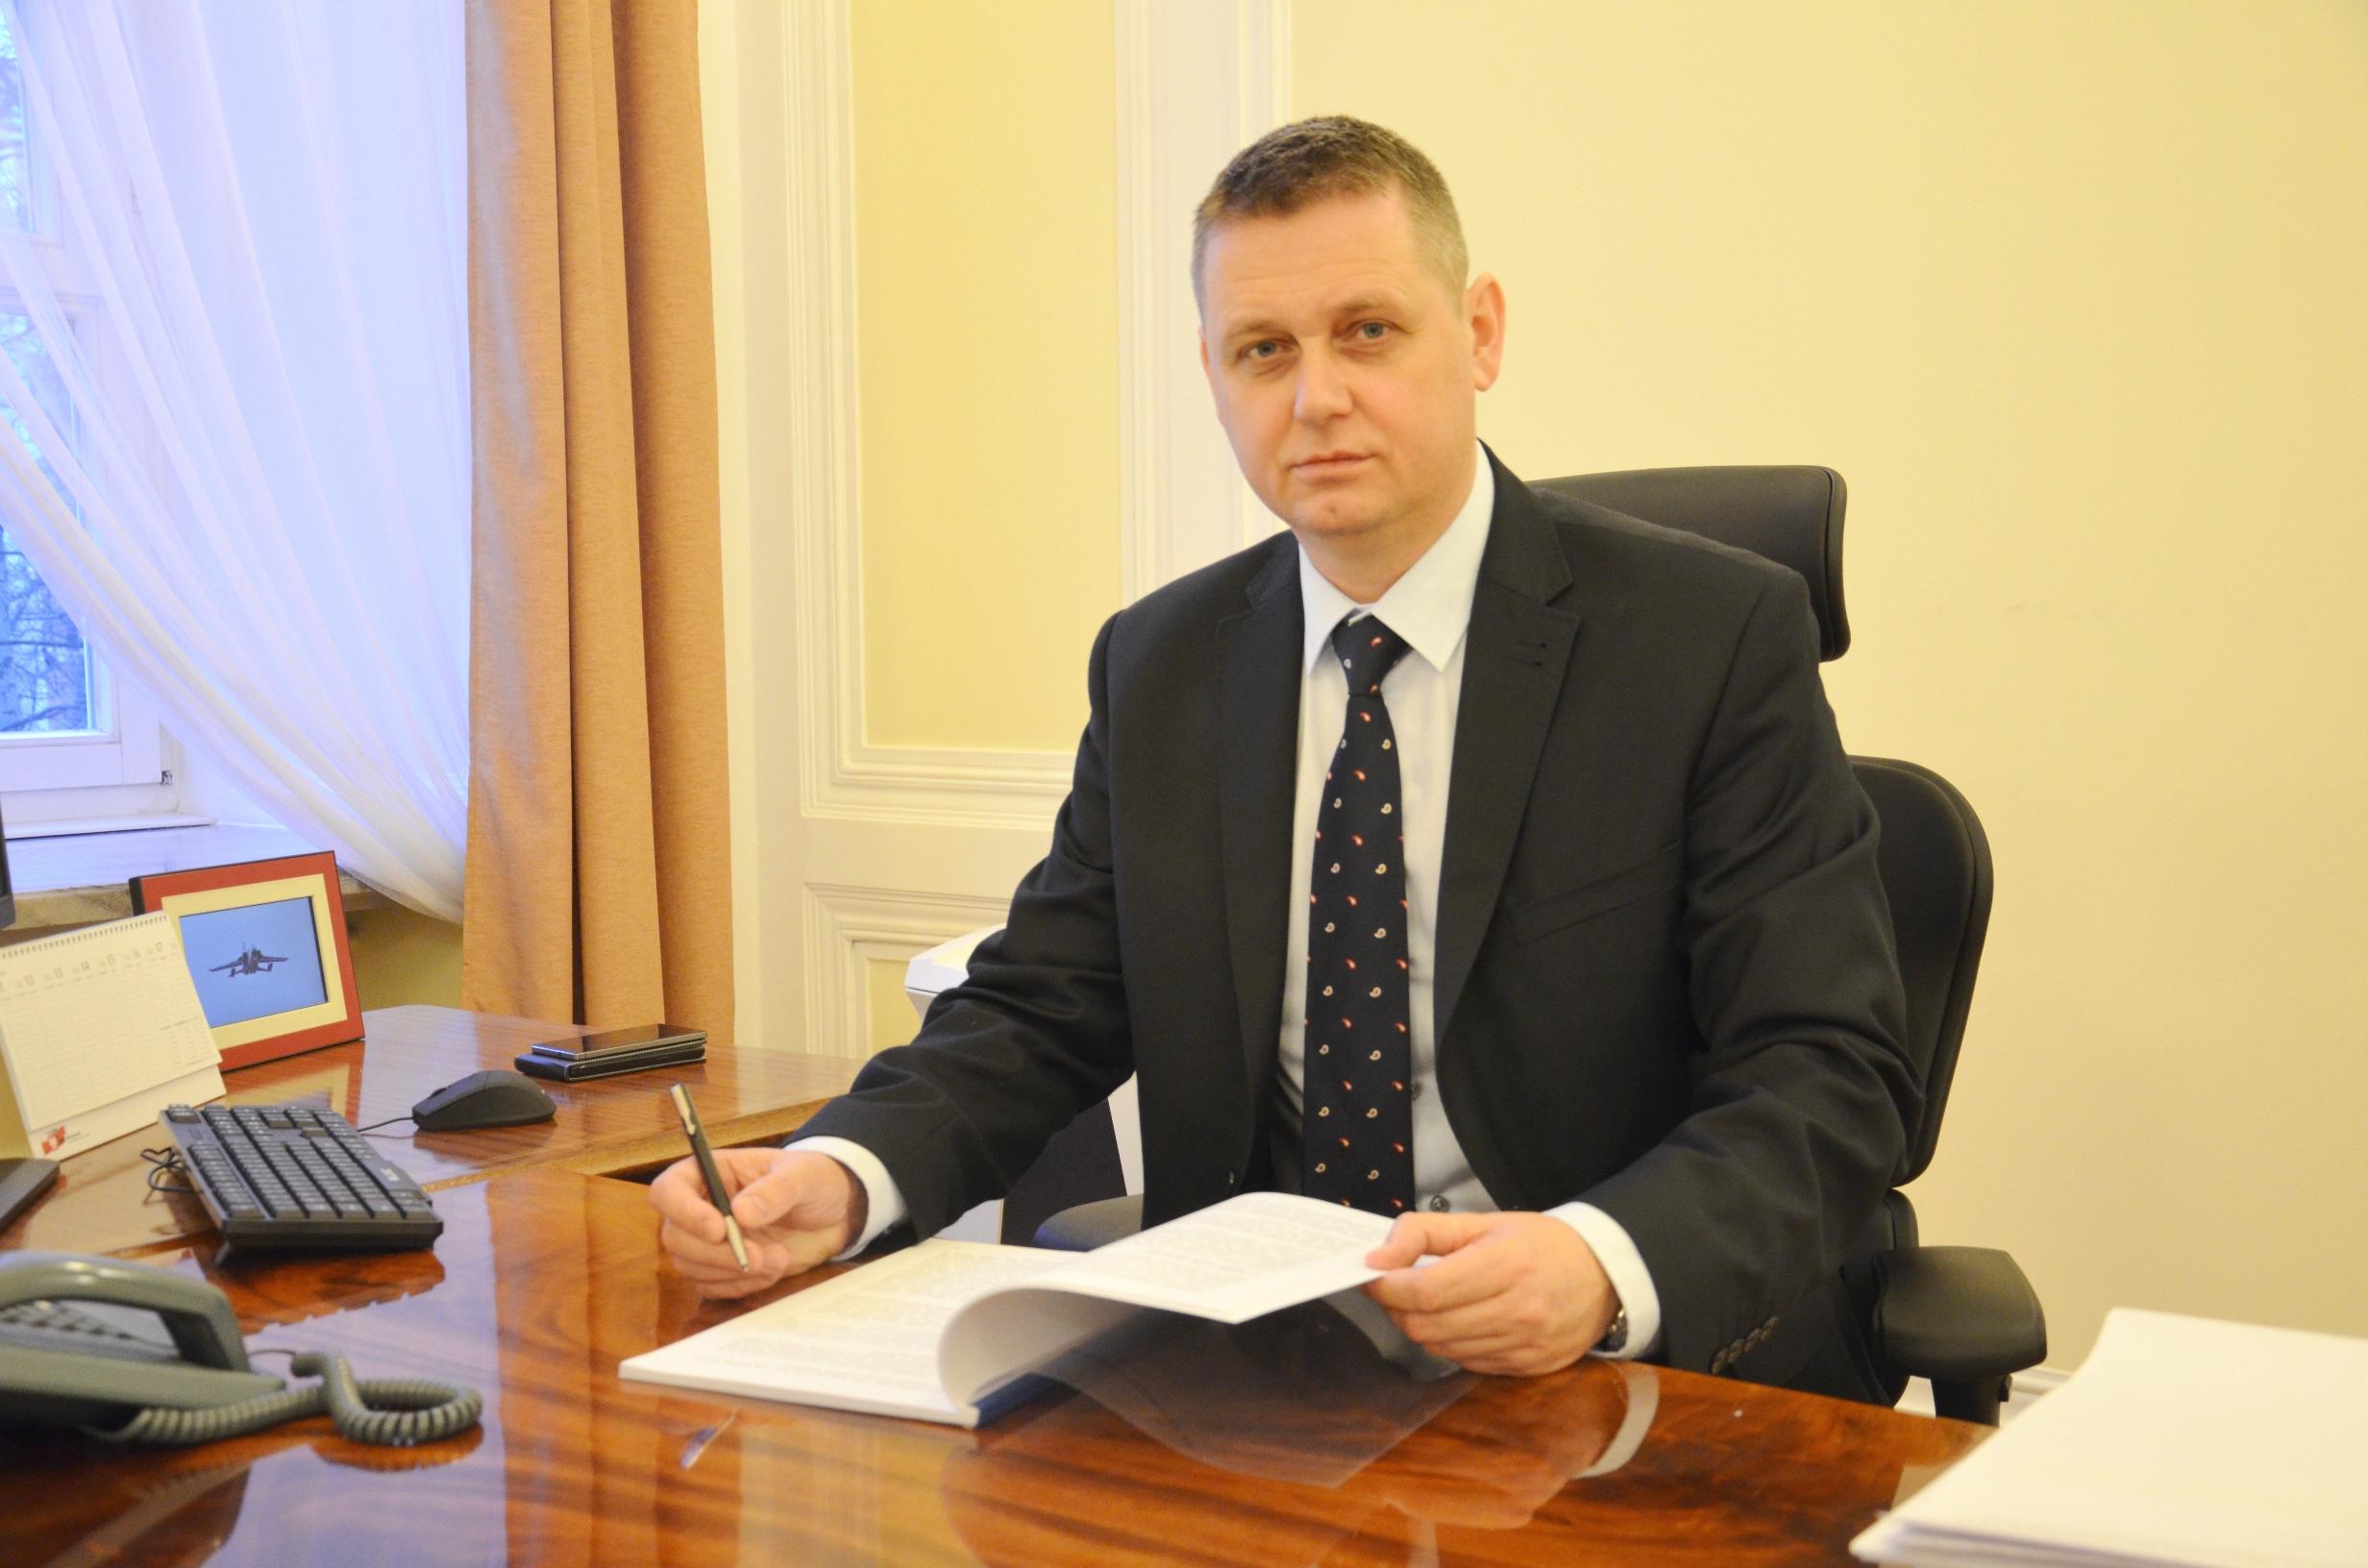 na zdjęciu II wicewojewoda mazowiecki, pan Artur Standowicz